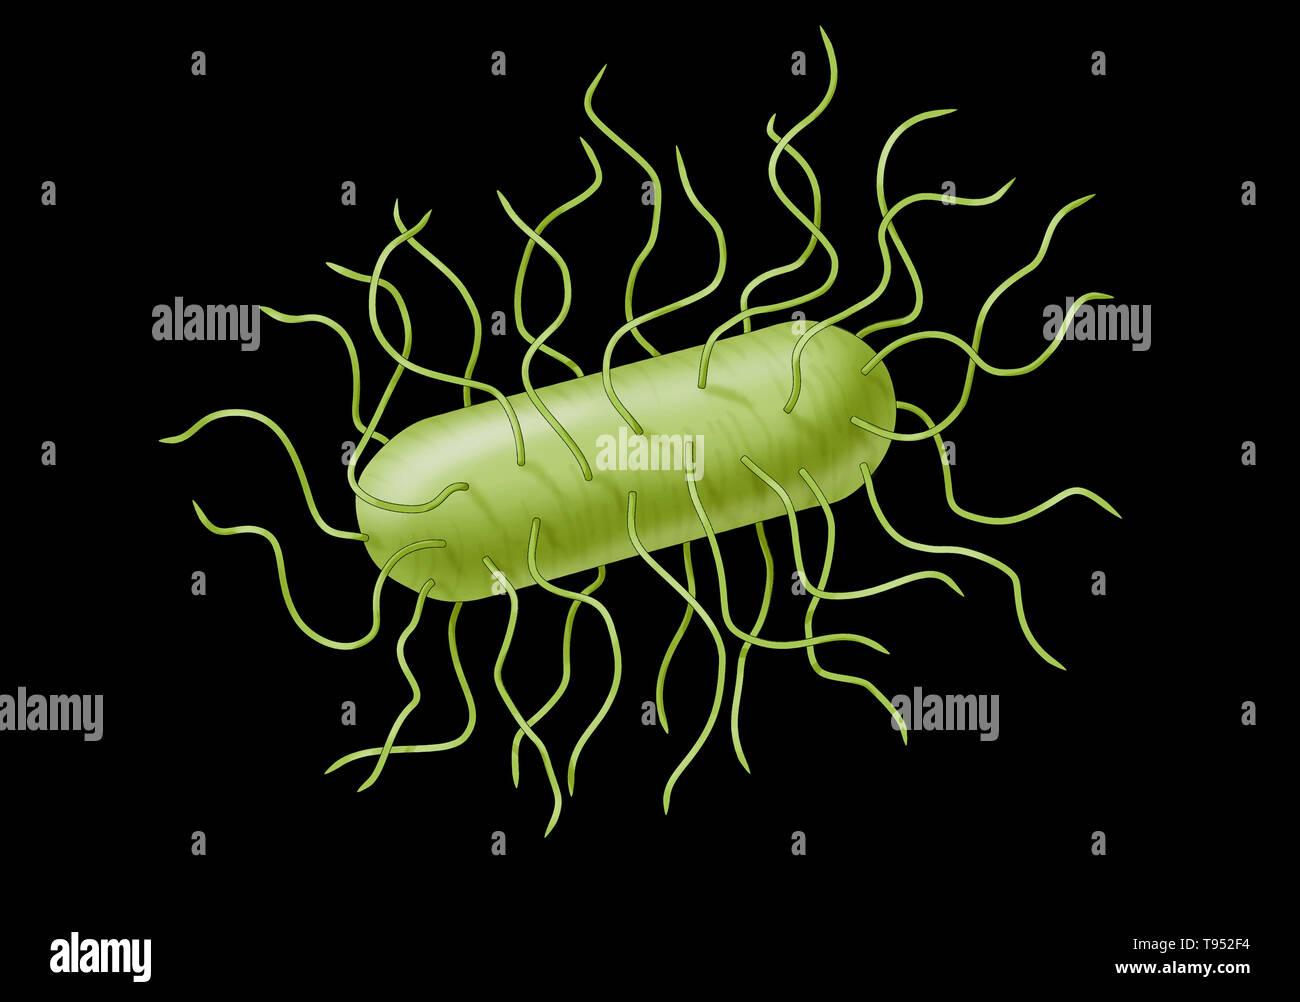 La bactérie E. coli. Escherichia coli est une bactérie gram-négatif, anaérobies facultatifs, forme de tige, les coliformes Bactéries du genre Escherichia qui est généralement trouvé dans le côlon des organismes à sang chaud (endothermes). La plupart des souches de E. coli sont inoffensives, mais certains sérotypes peuvent causer de graves intoxications alimentaires chez leurs hôtes, et sont parfois responsables de rappels de produits en raison de la contamination des aliments. Banque D'Images